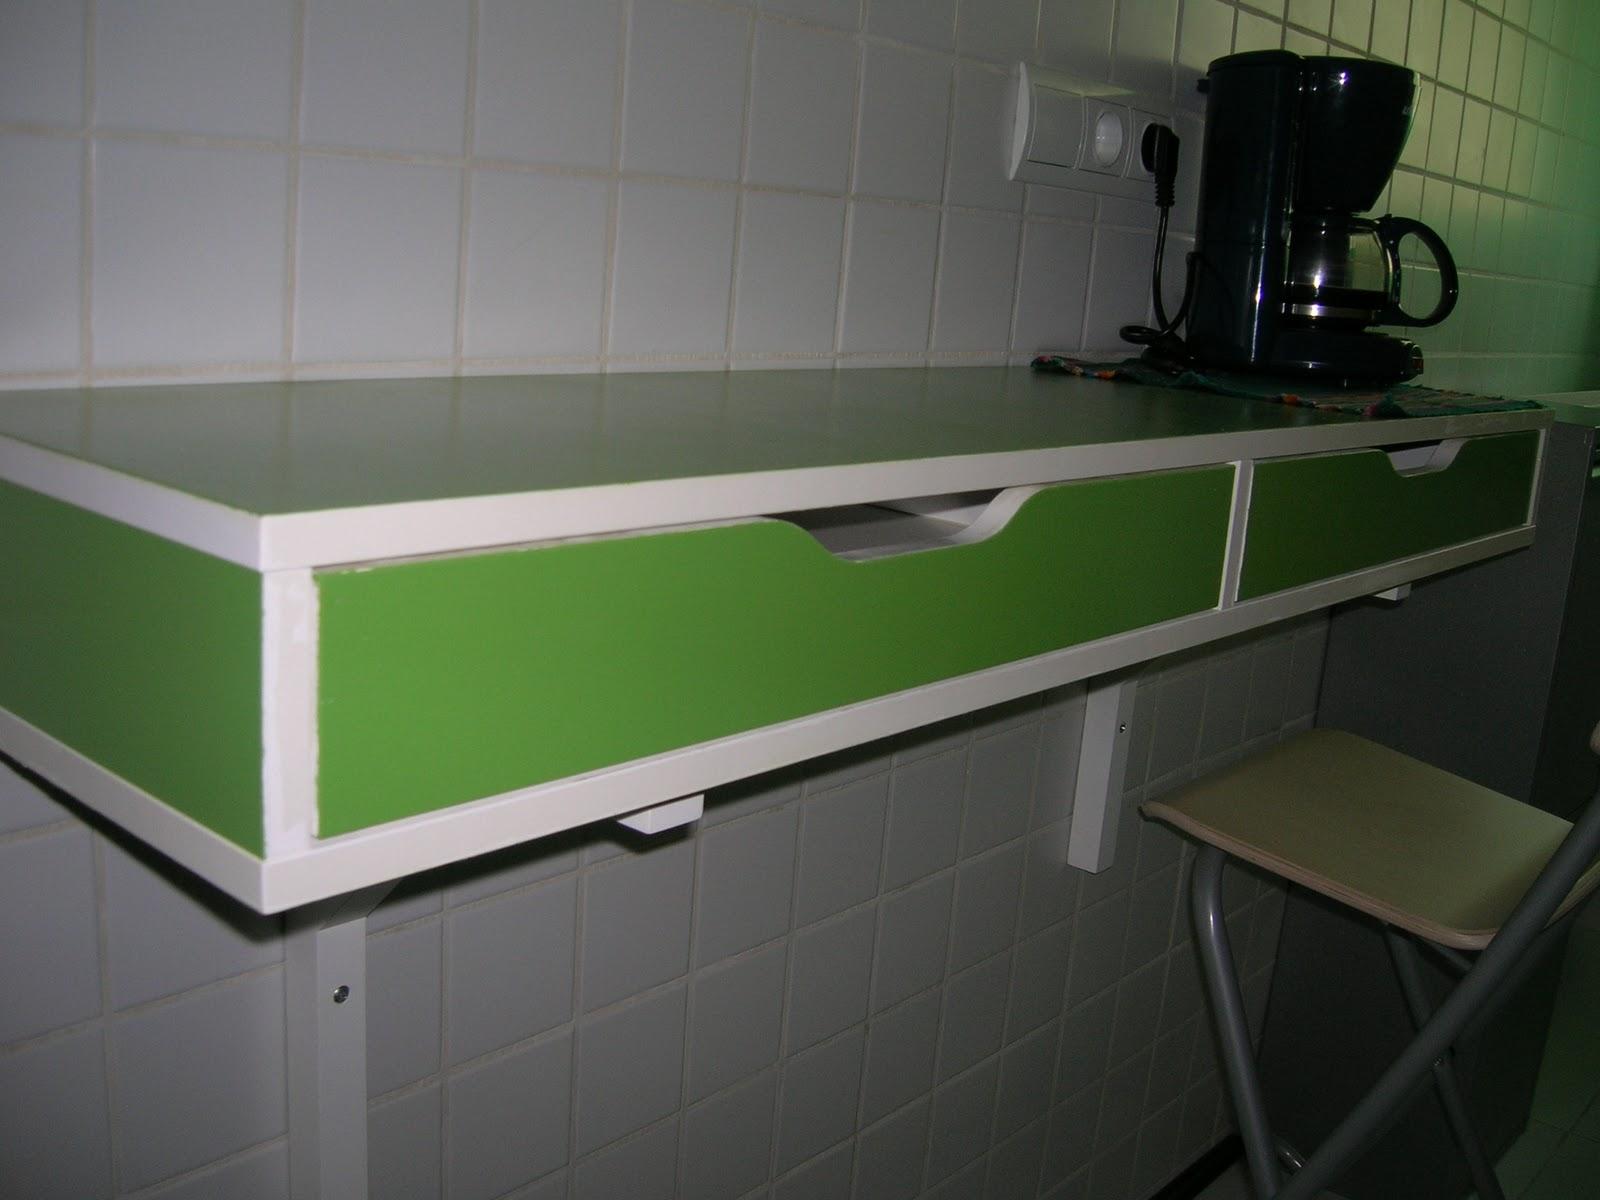 El estante caj n lacado de cph - Estante con cajon ...